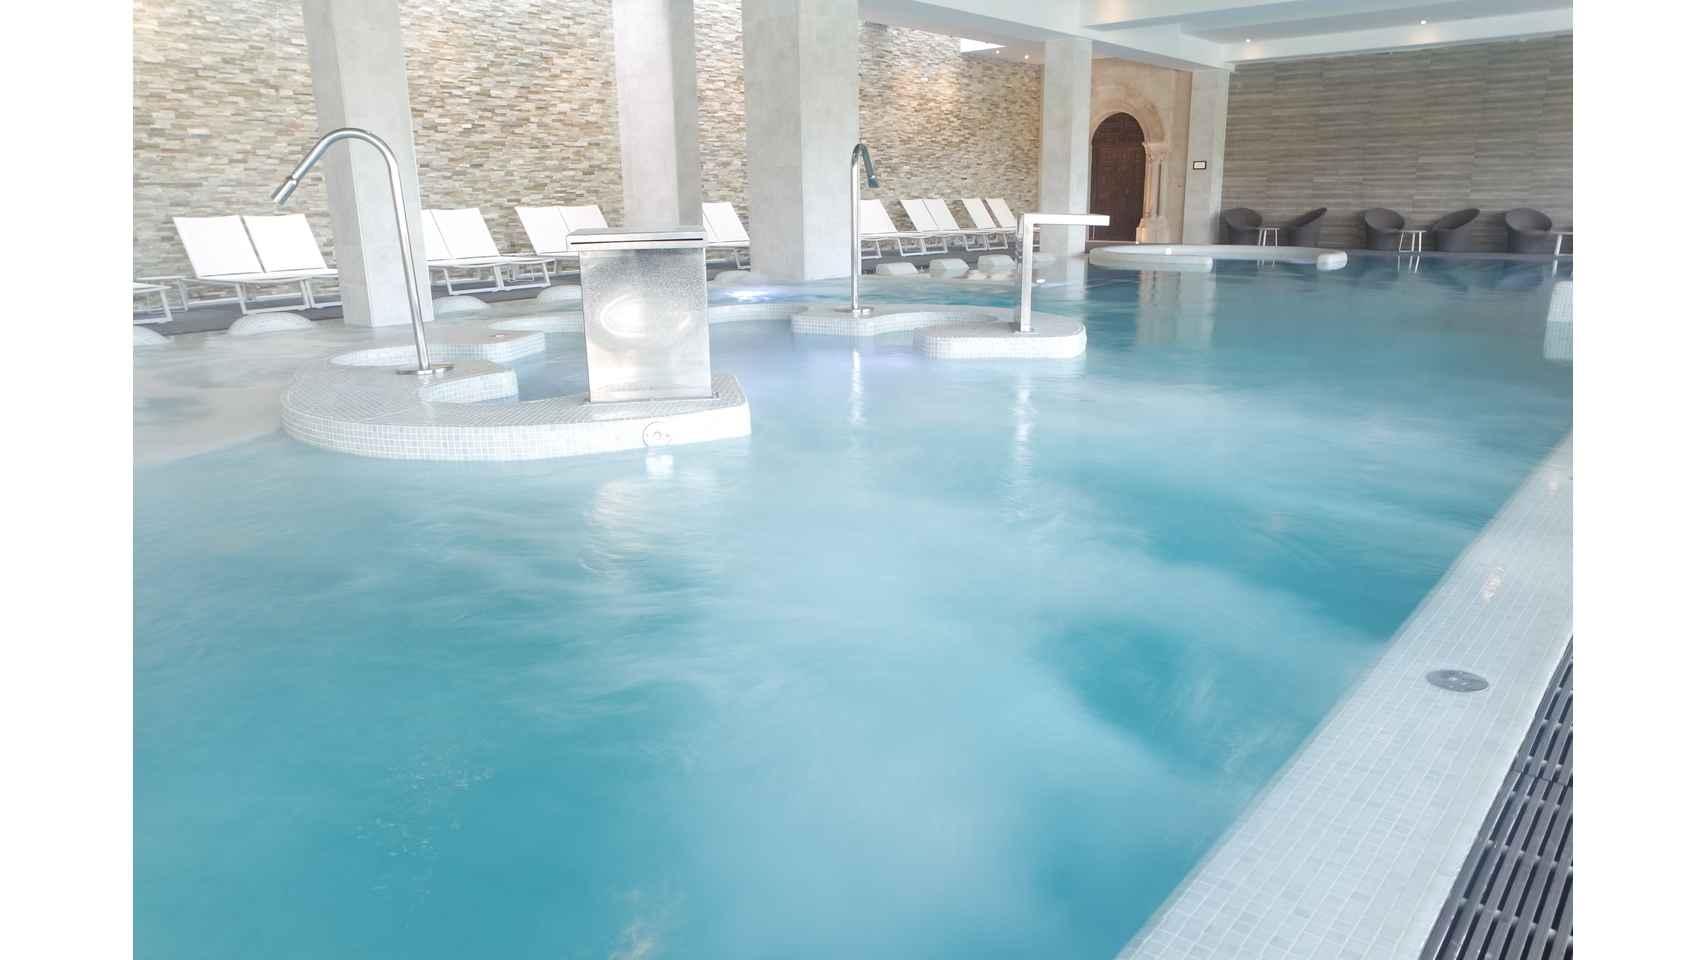 Detalle piscina termal Castilla Termal Monasterio de Valbuena.